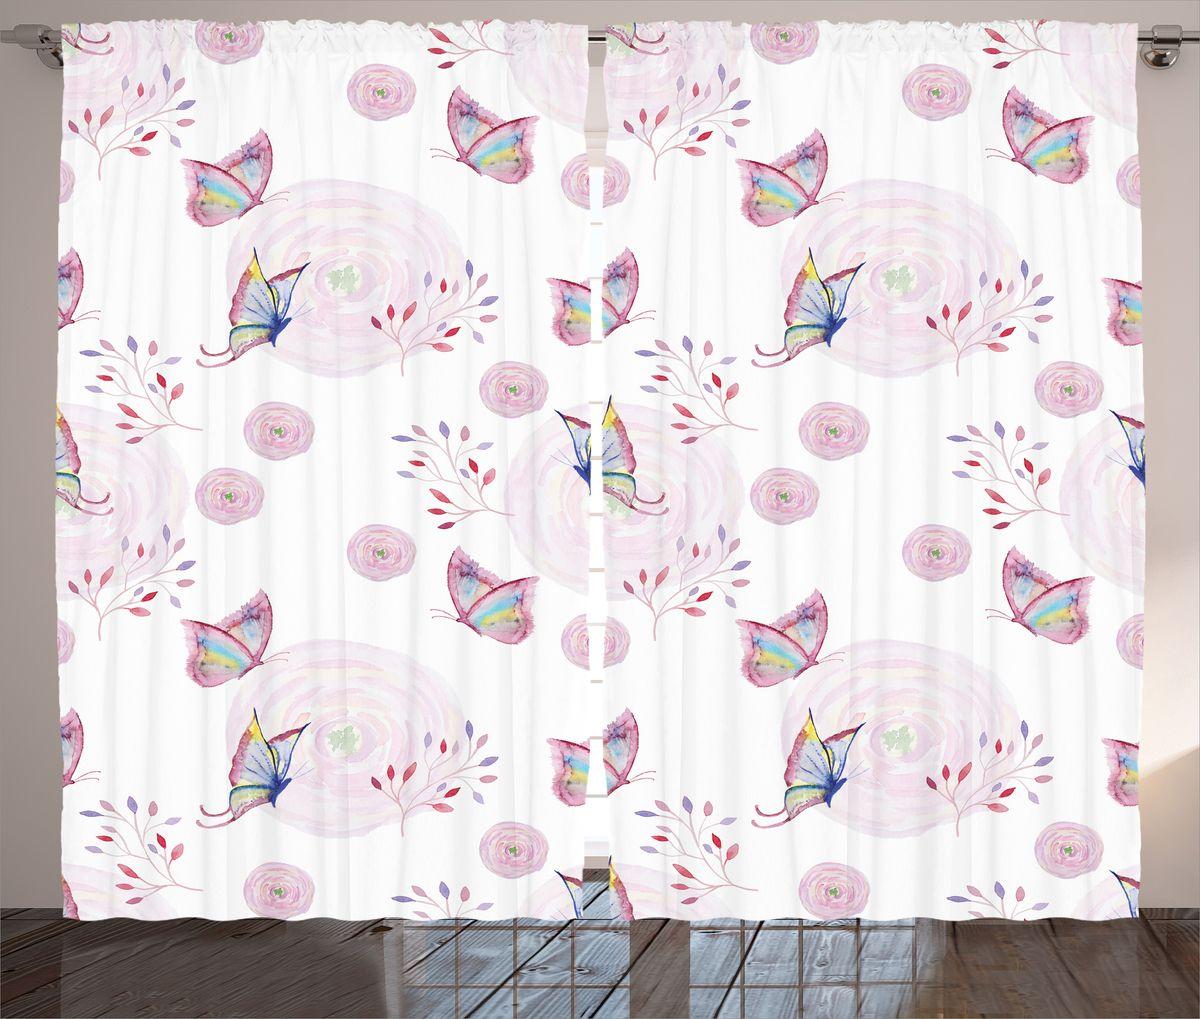 Комплект фотоштор Magic Lady, на ленте, высота 265 см. шсг_15910шсг_5217Компания Сэмболь изготавливает шторы из высококачественного сатена (полиэстер 100%). При изготовлении используются специальные гипоаллергенные чернила для прямой печати по ткани, безопасные для человека и животных. Экологичность продукции Magic lady и безопасность для окружающей среды подтверждены сертификатом Oeko-Tex Standard 100. Крепление: крючки для крепления на шторной ленте (50 шт). Возможно крепление на трубу. Внимание! При нанесении сублимационной печати на ткань технологическим методом при температуре 240°С, возможно отклонение полученных размеров (указанных на этикетке и сайте) от стандартных на + - 3-5 см. Производитель старается максимально точно передать цвета изделия на фотографиях, однако искажения неизбежны и фактический цвет изделия может отличаться от воспринимаемого по фото. Обратите внимание! Шторы изготовлены из полиэстра сатенового переплетения, а не из сатина (хлопок). Размер одного полотна шторы: 145х265 см. В комплекте 2 полотна шторы и 50 крючков.